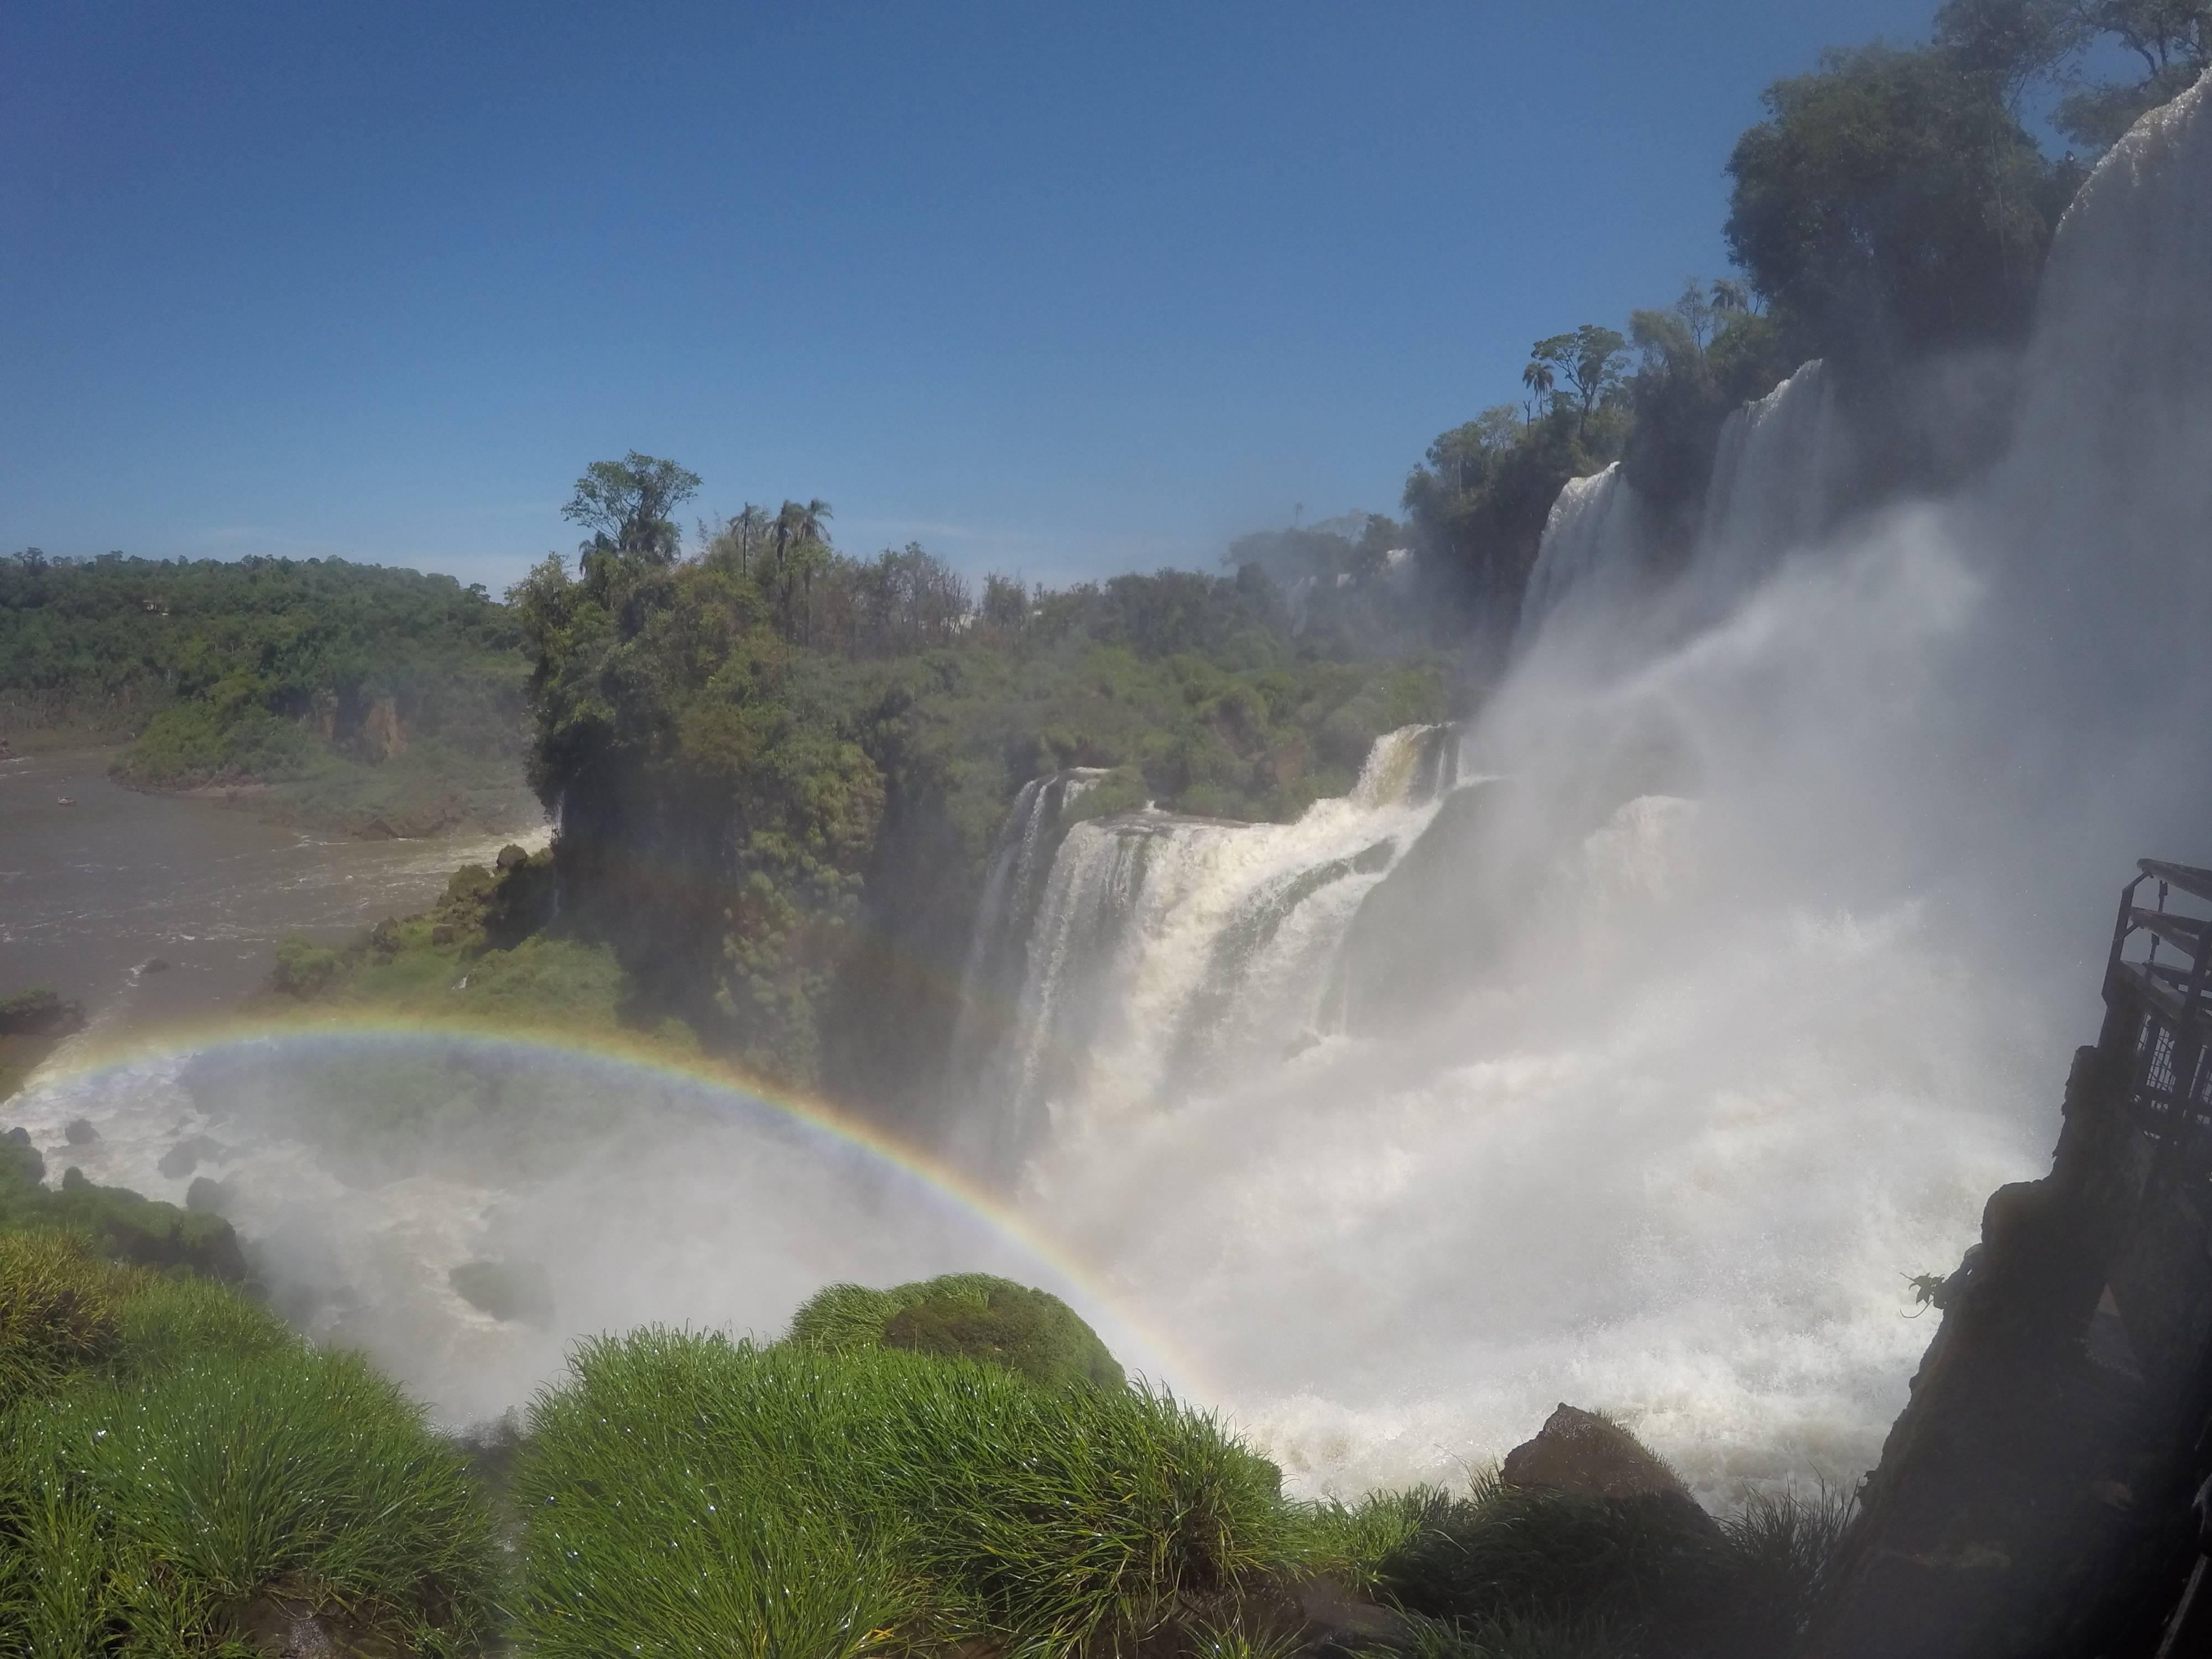 Photo 2: Les chutes d'Iguaçu en Argentine